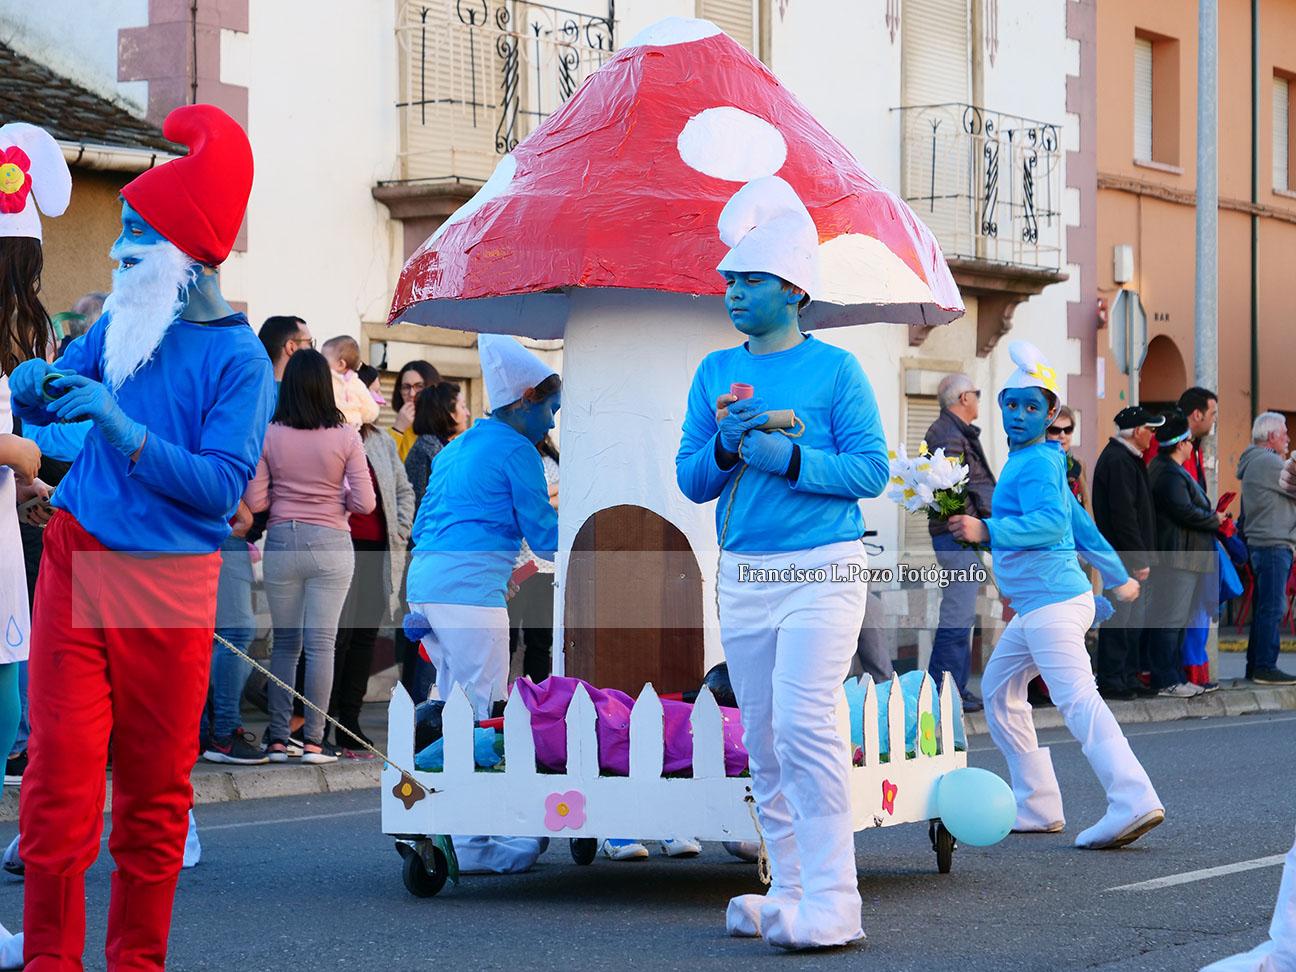 Carnaval 2020: Camponaraya sale a la calle a ritmo de comparsa 47